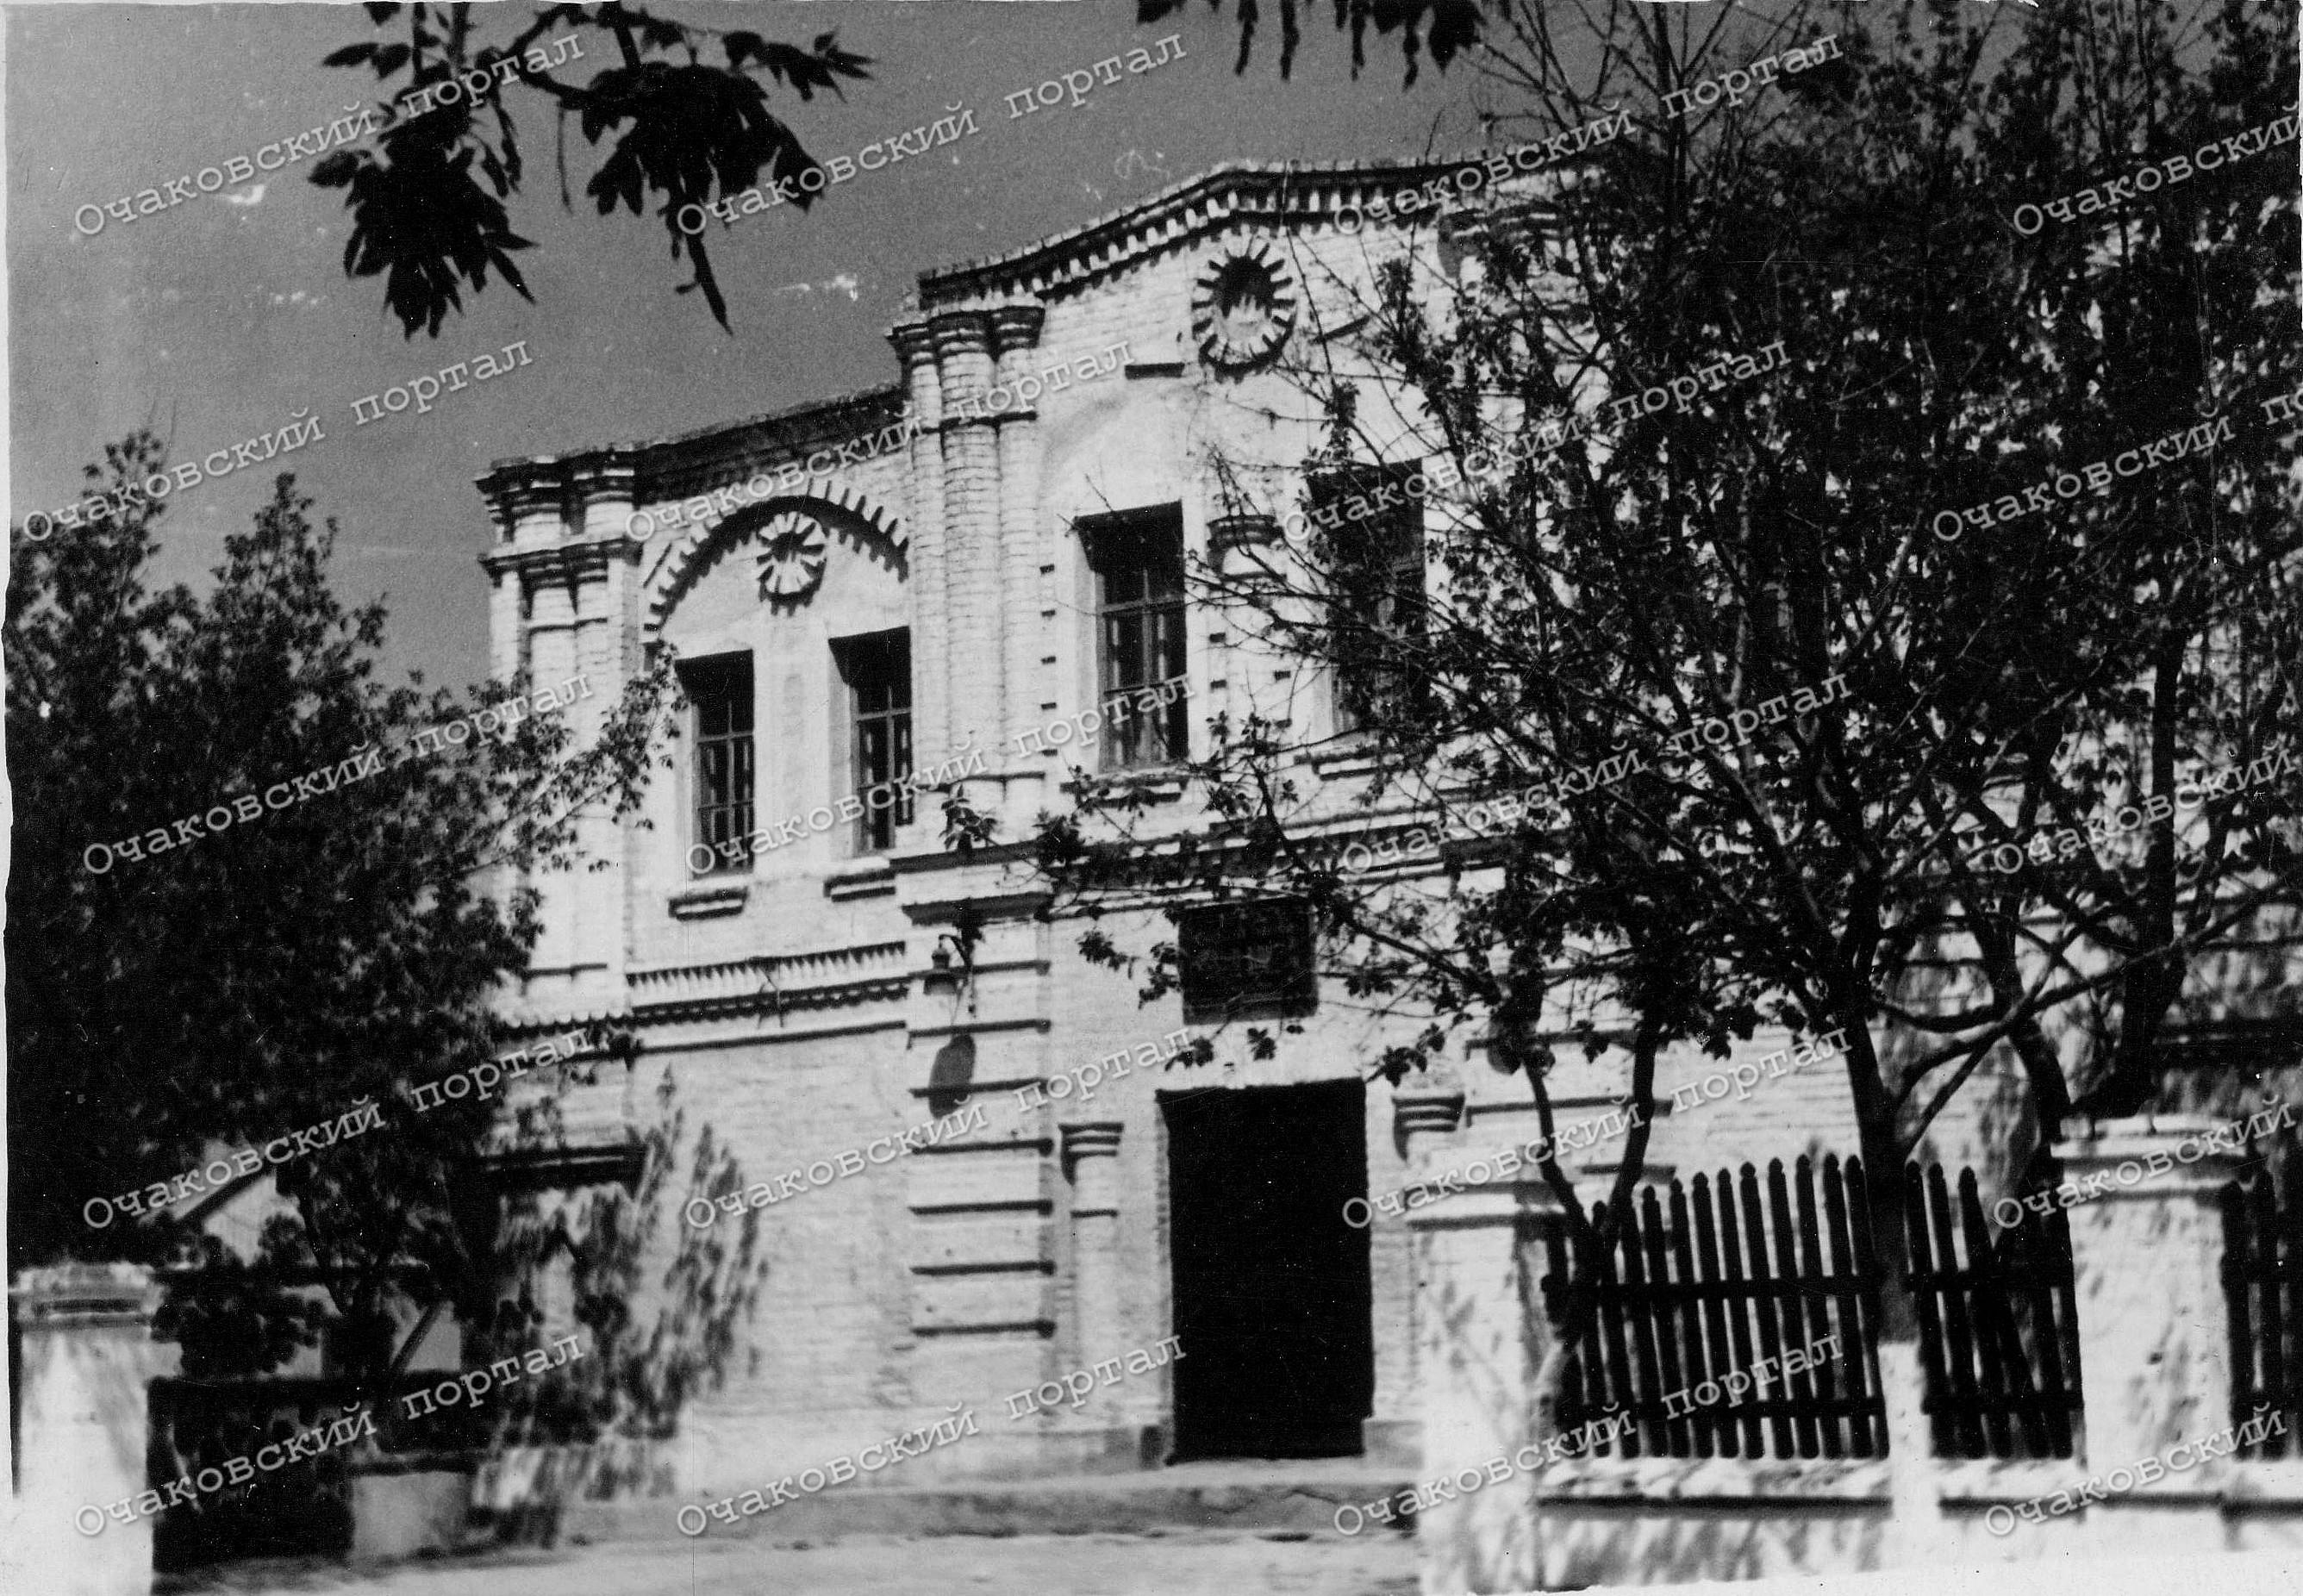 Очаков. Бывшее здание синагоги. Дворец пионеров.